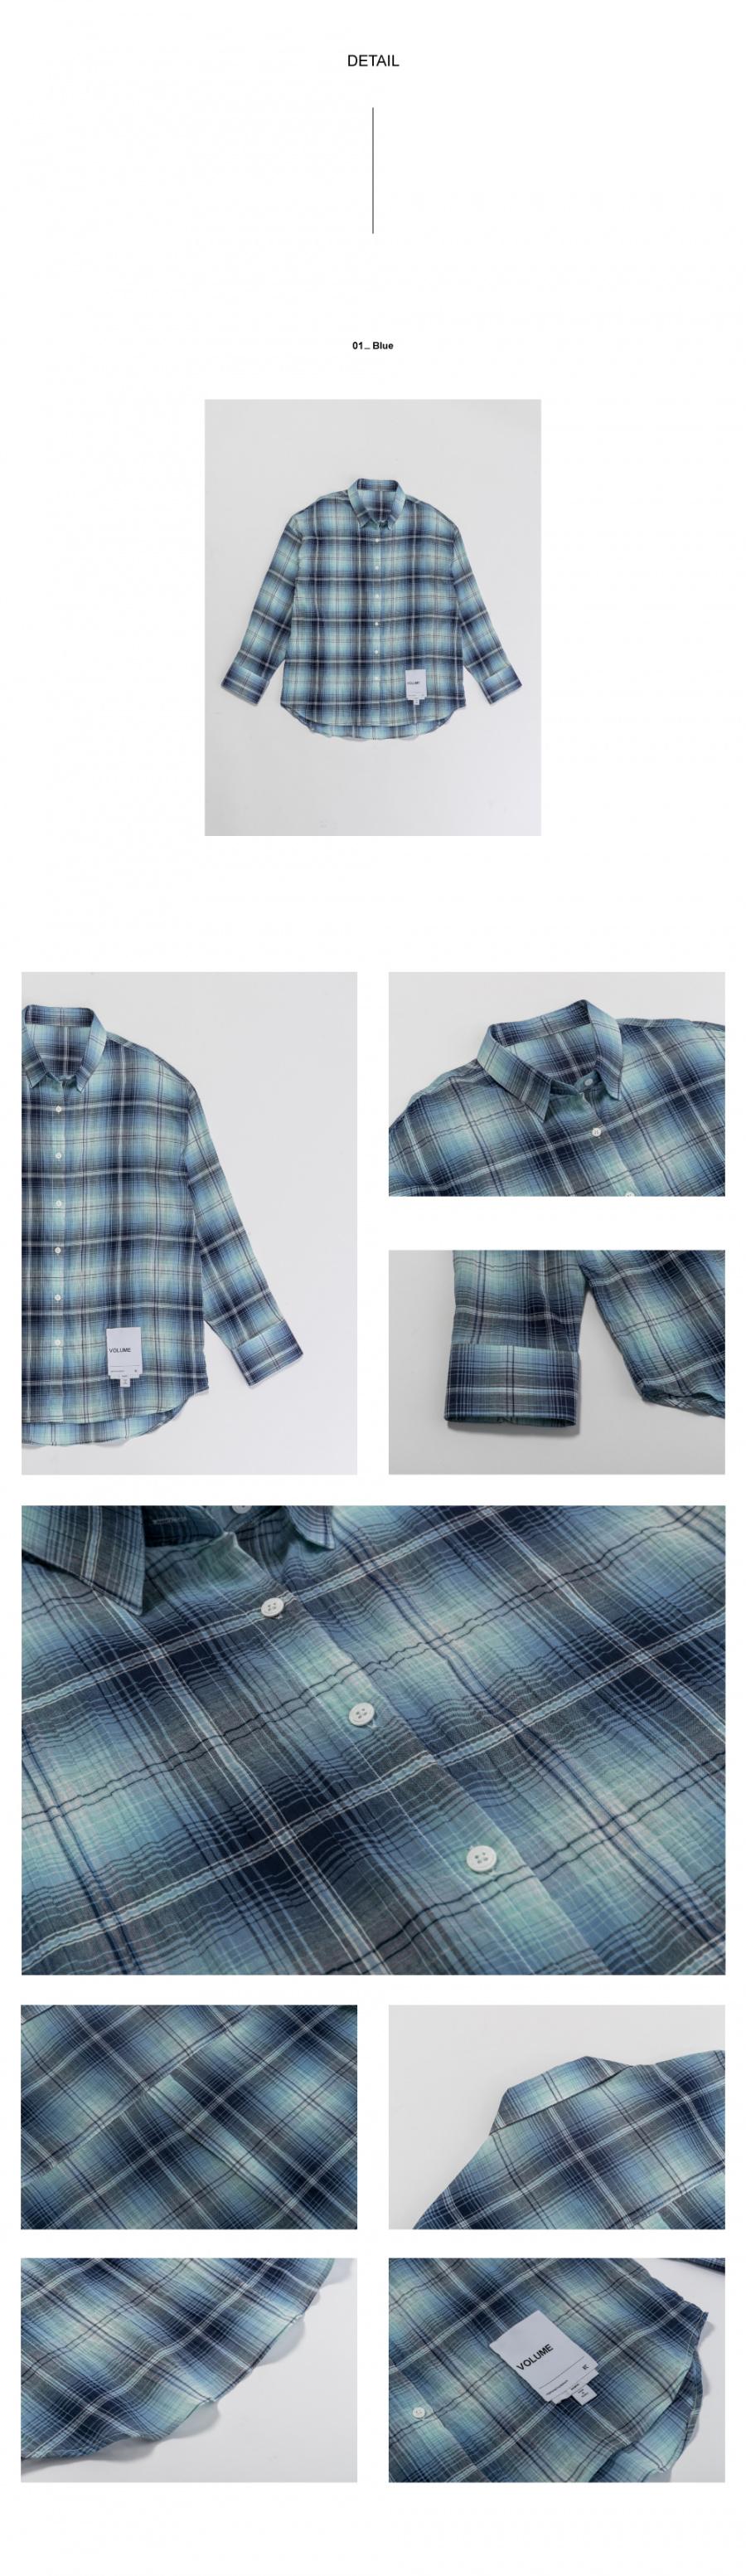 레이디 볼륨(LADY VOLUME) [남/여]overfit check shirt_blue